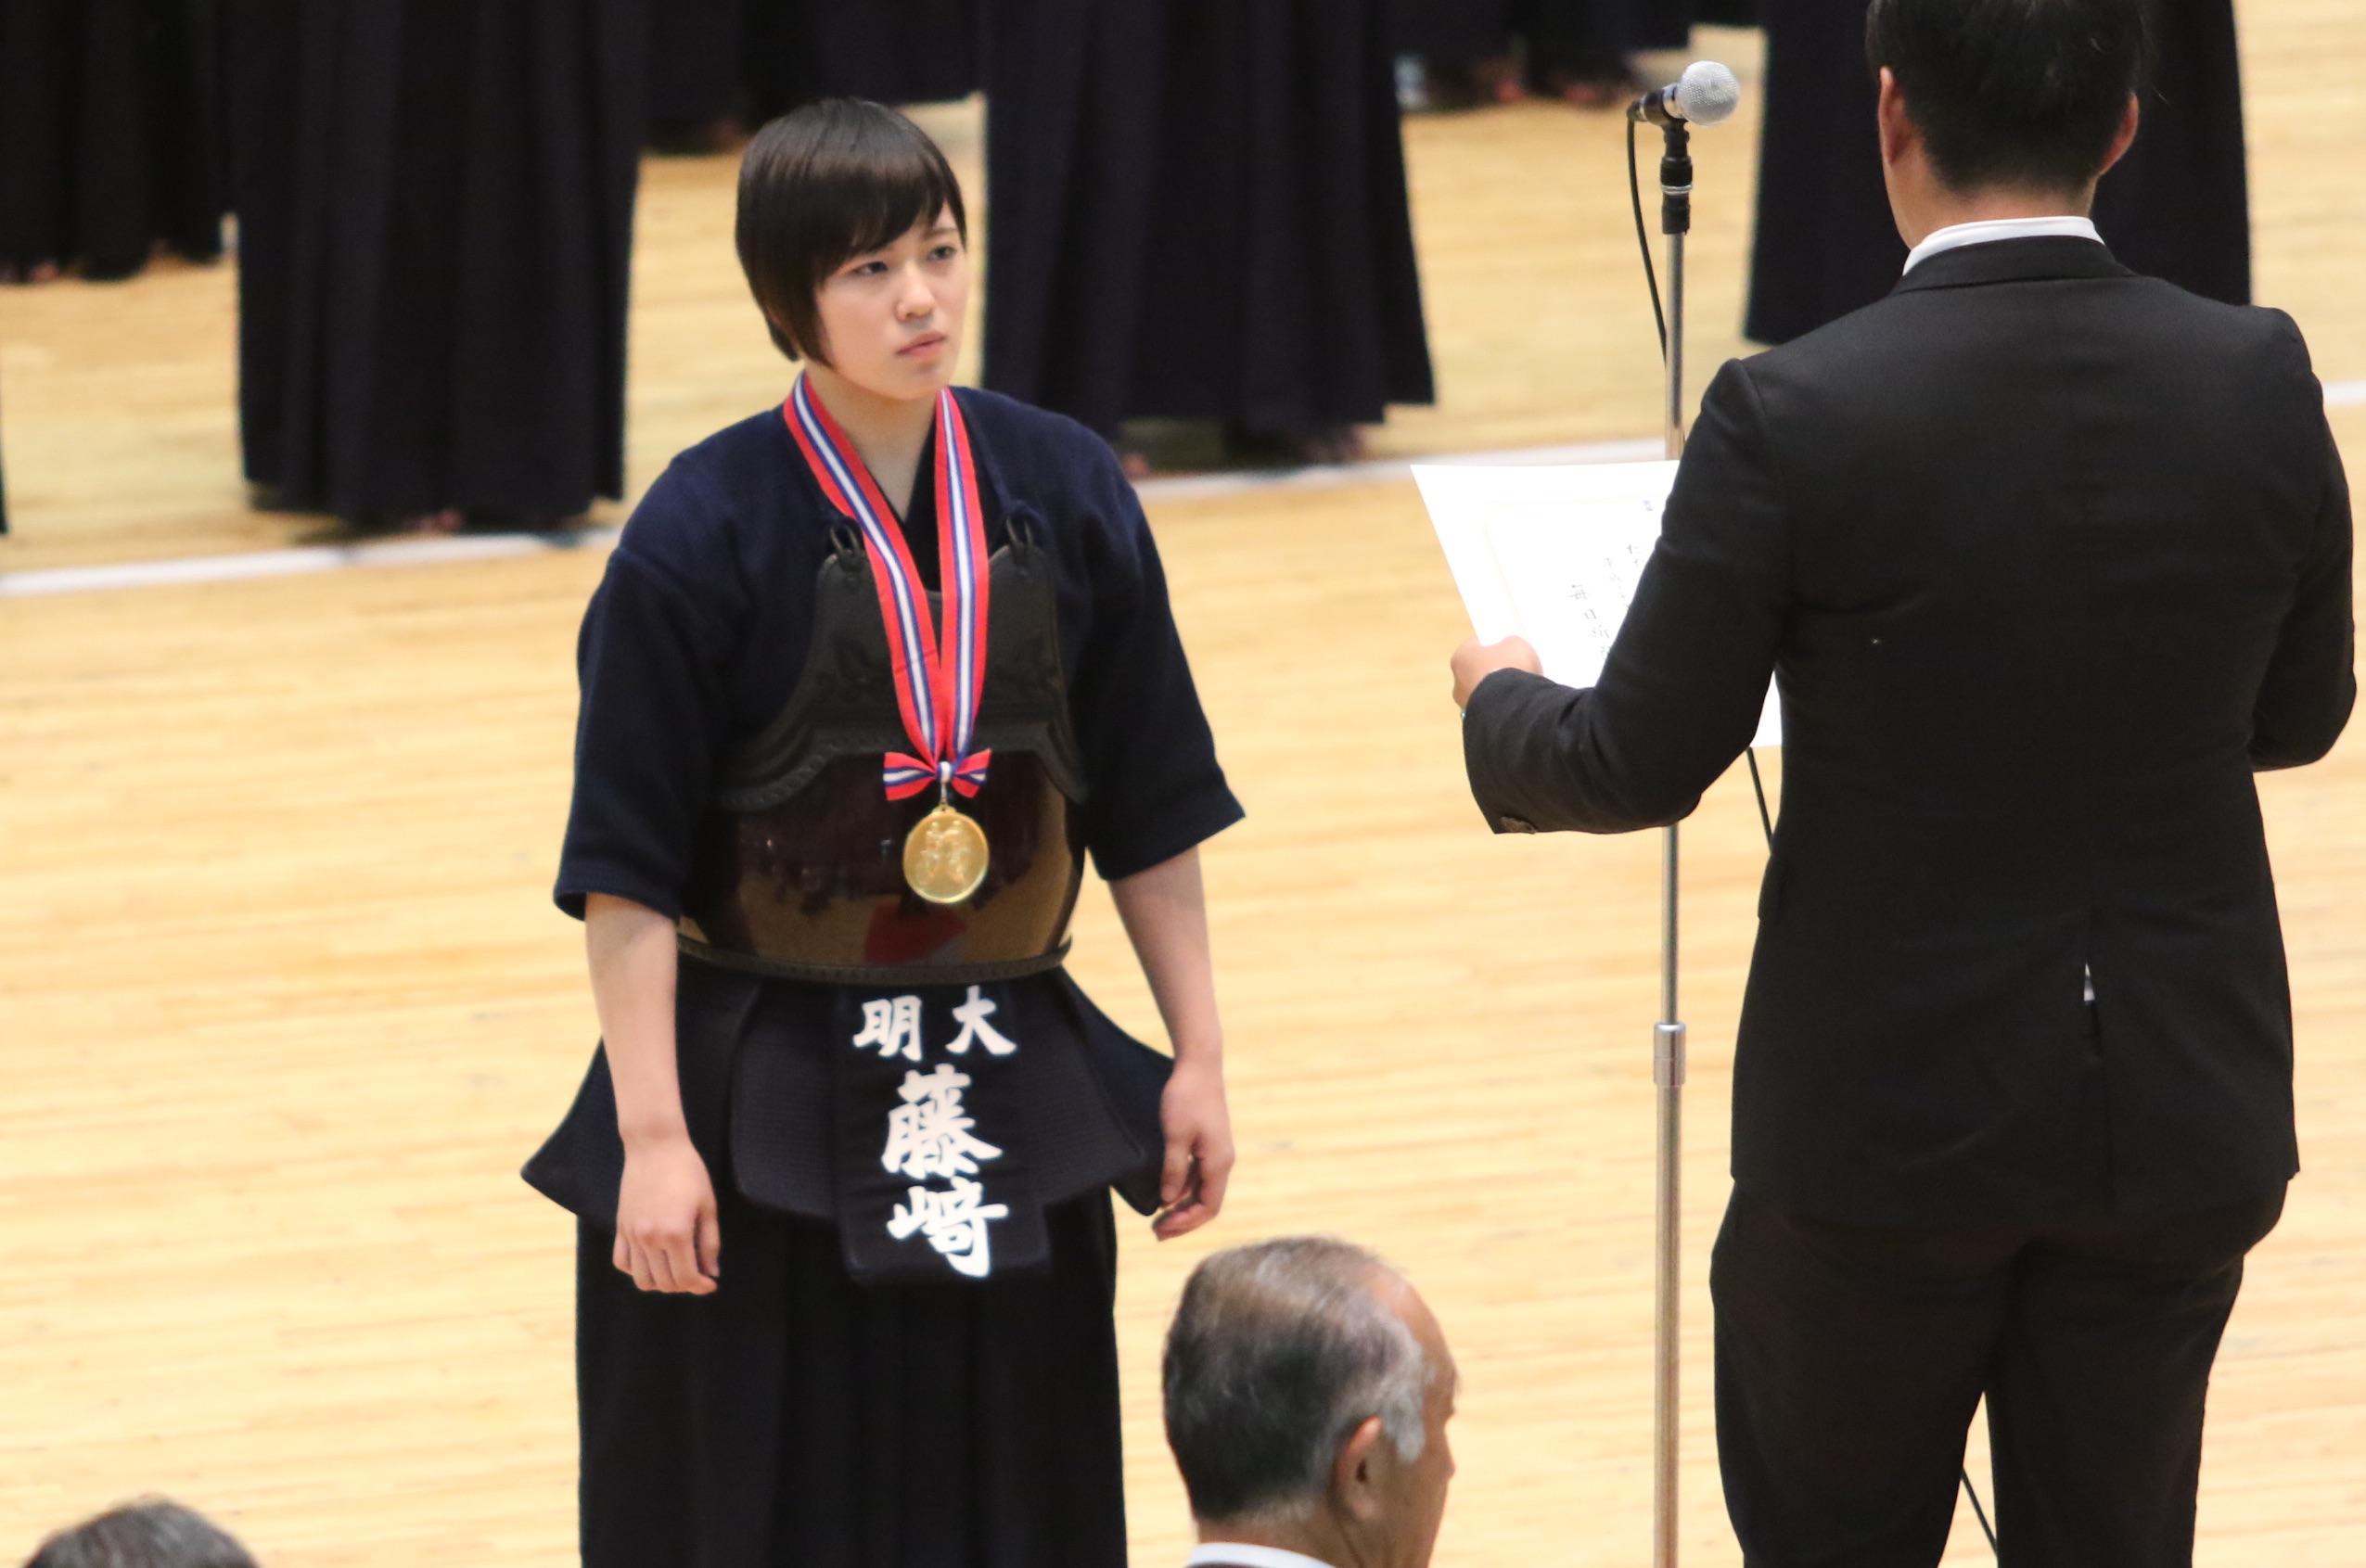 【大会結果】7/7 第52回全日本女子学生剣道選手権大会